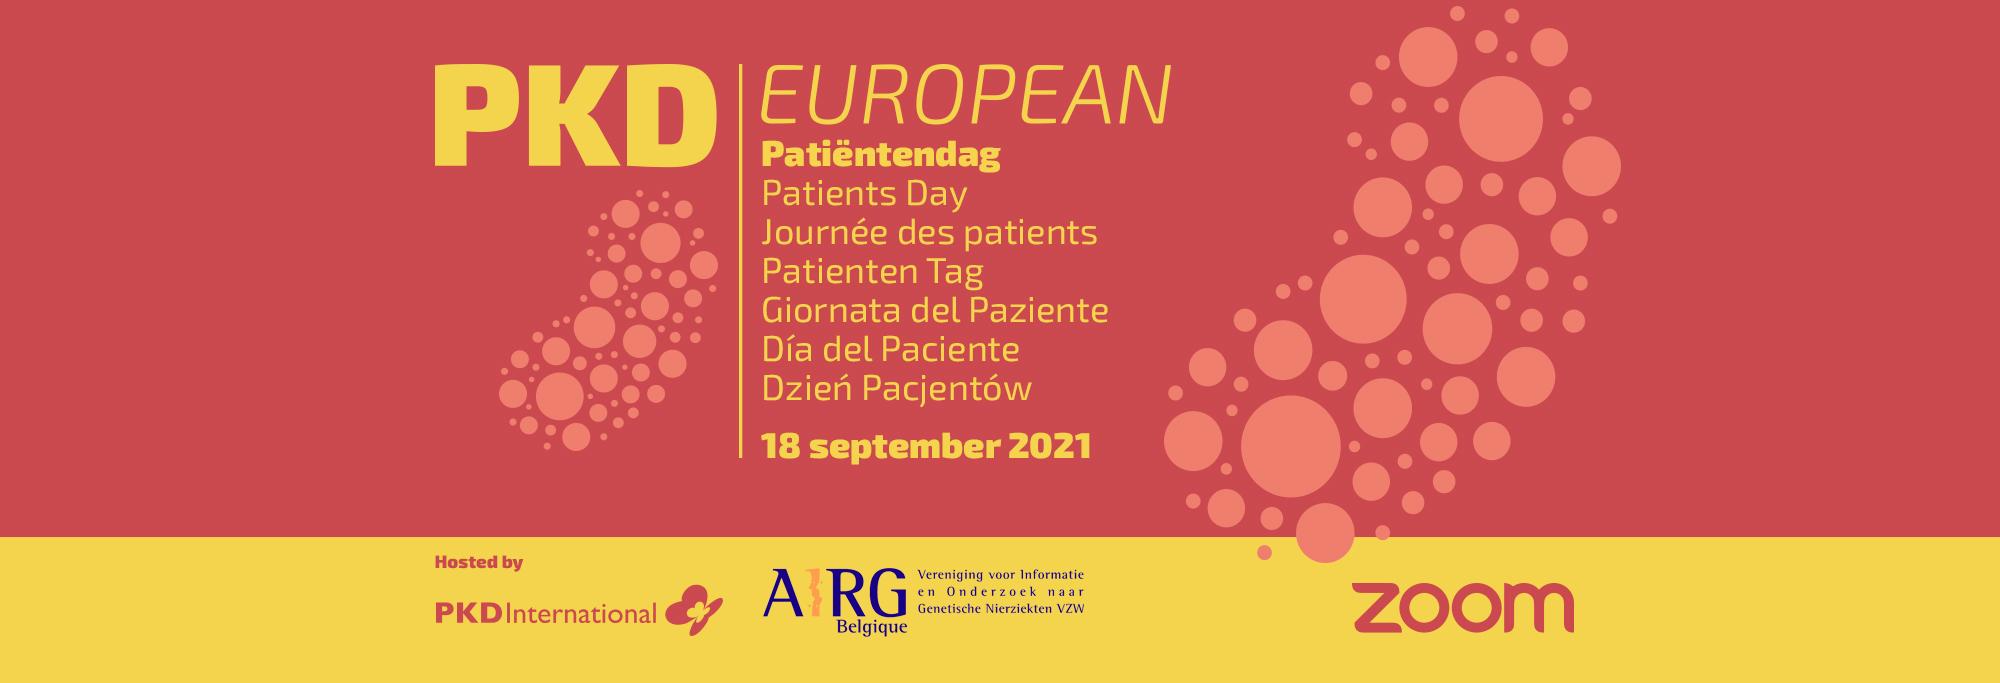 PKD Europese Patiëntendag – 18 september 2021